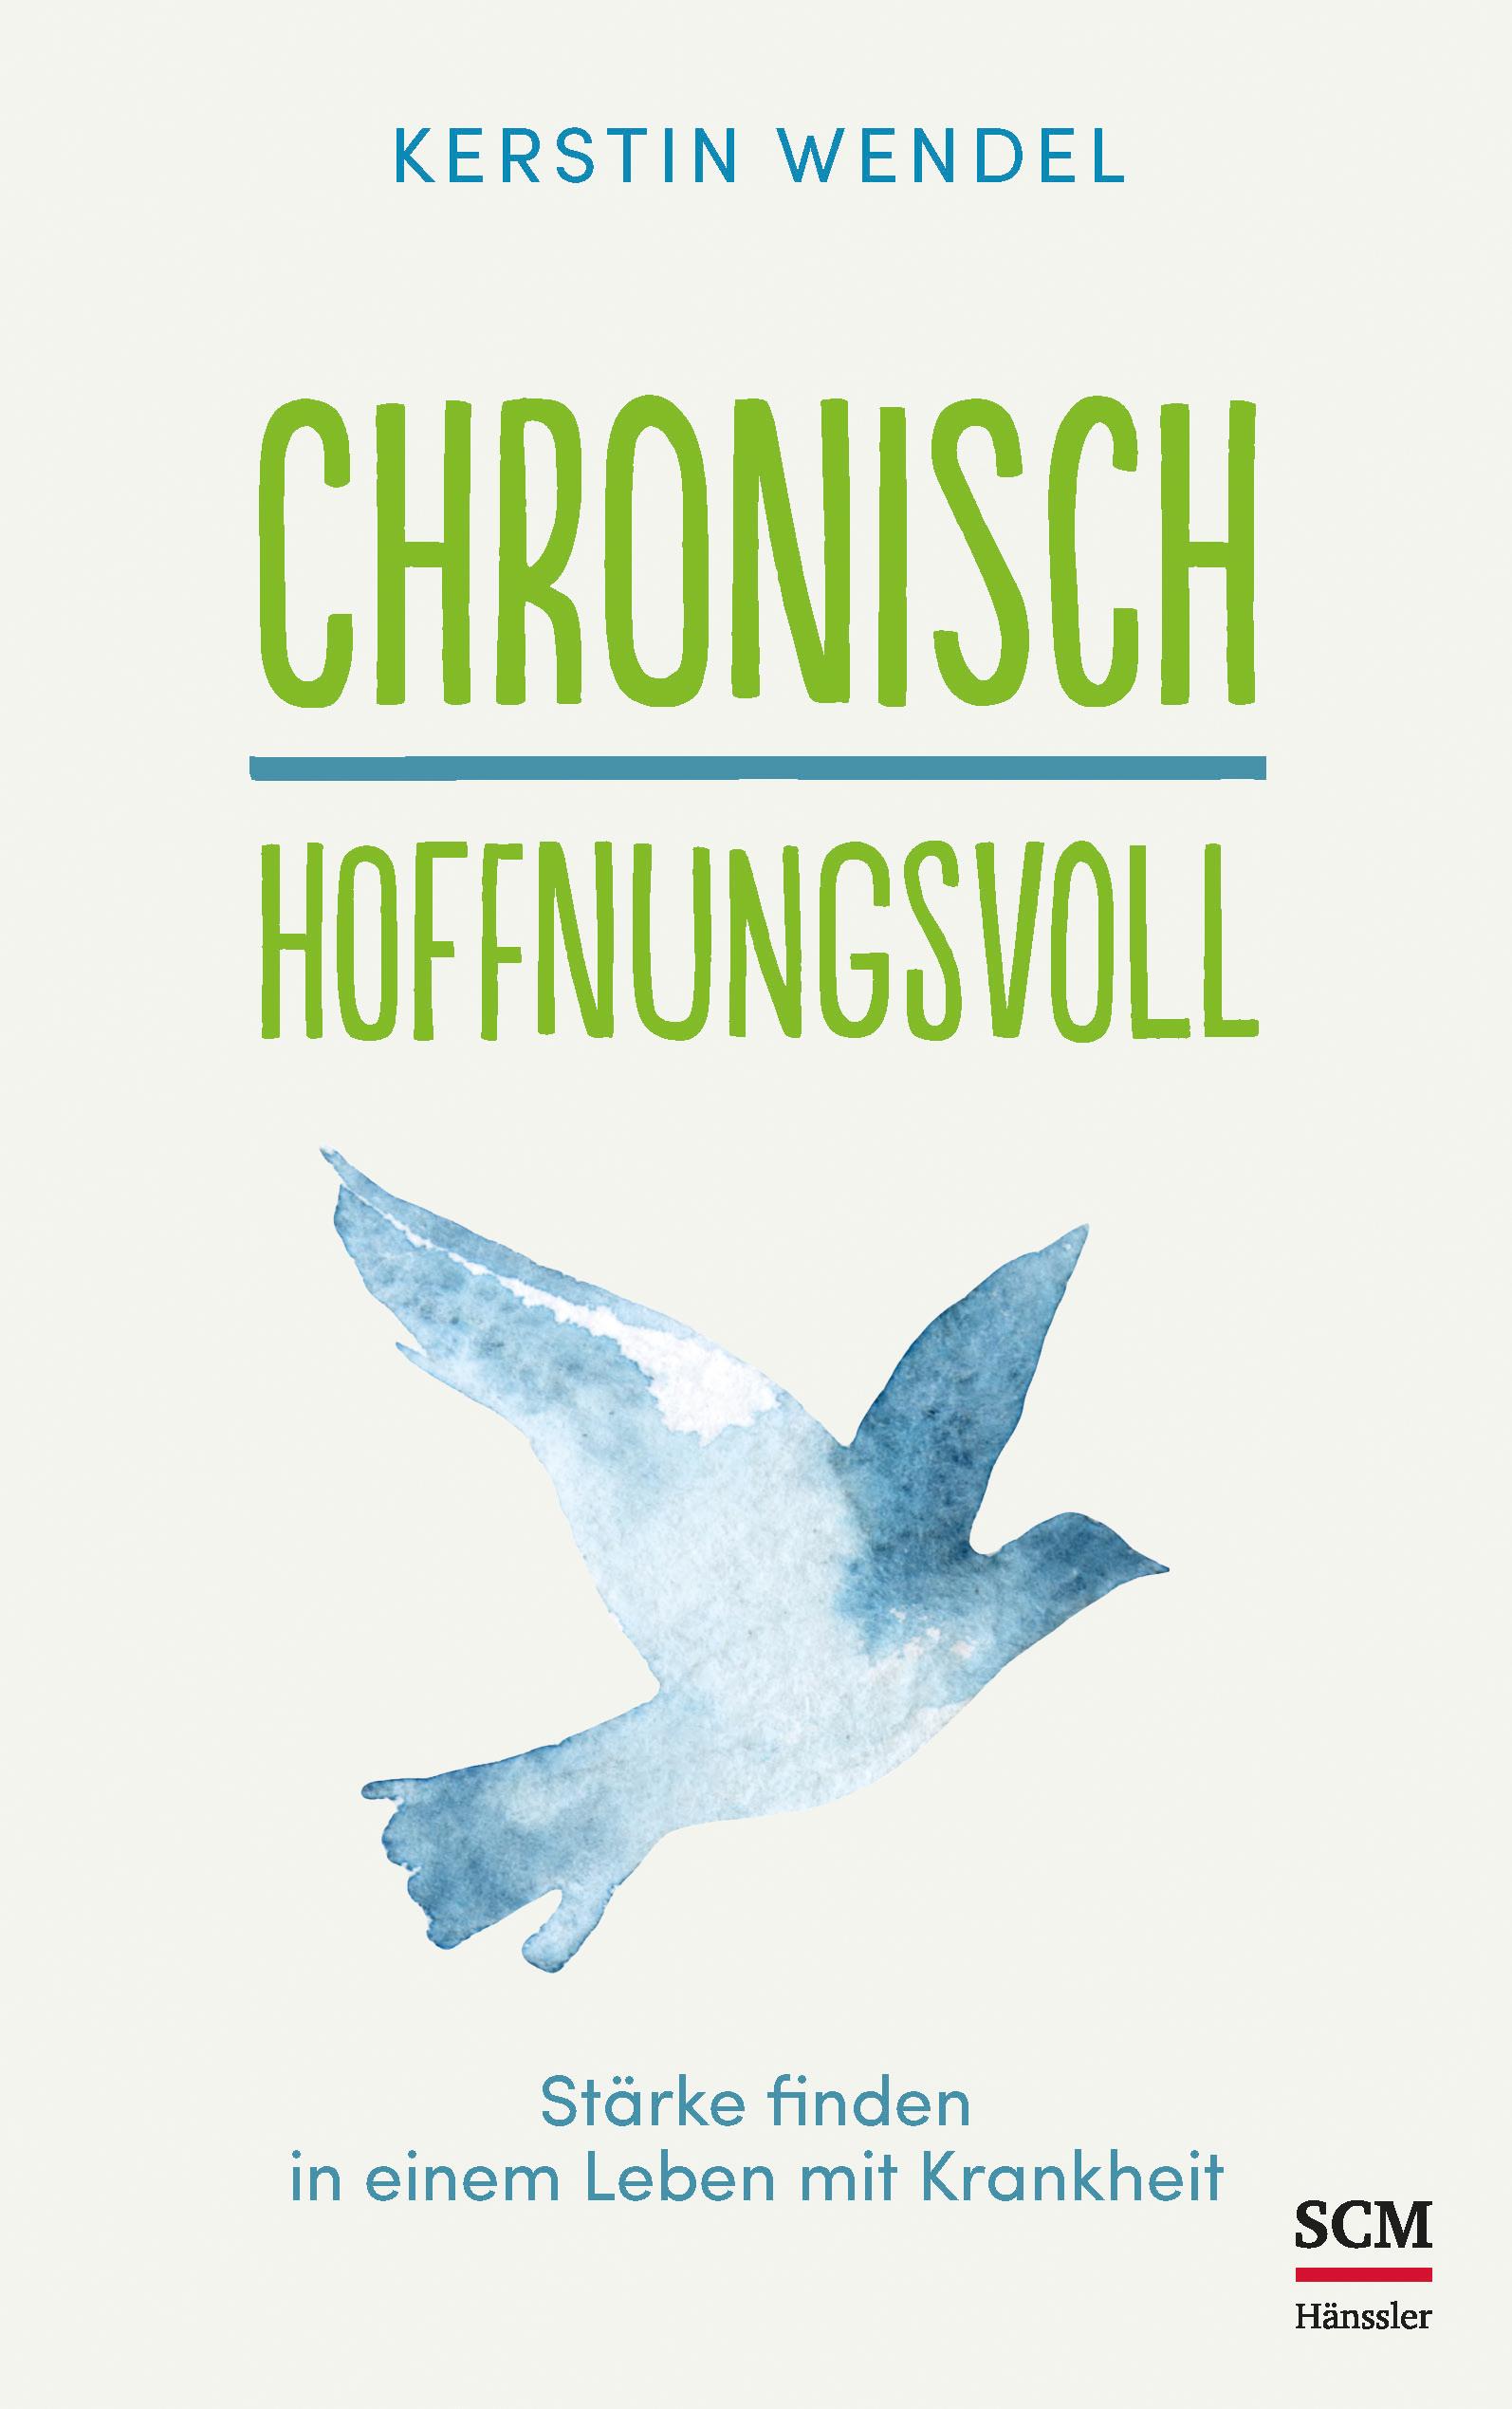 Chronisch hoffnungsvoll | Kerstin Wendel | Portofrei